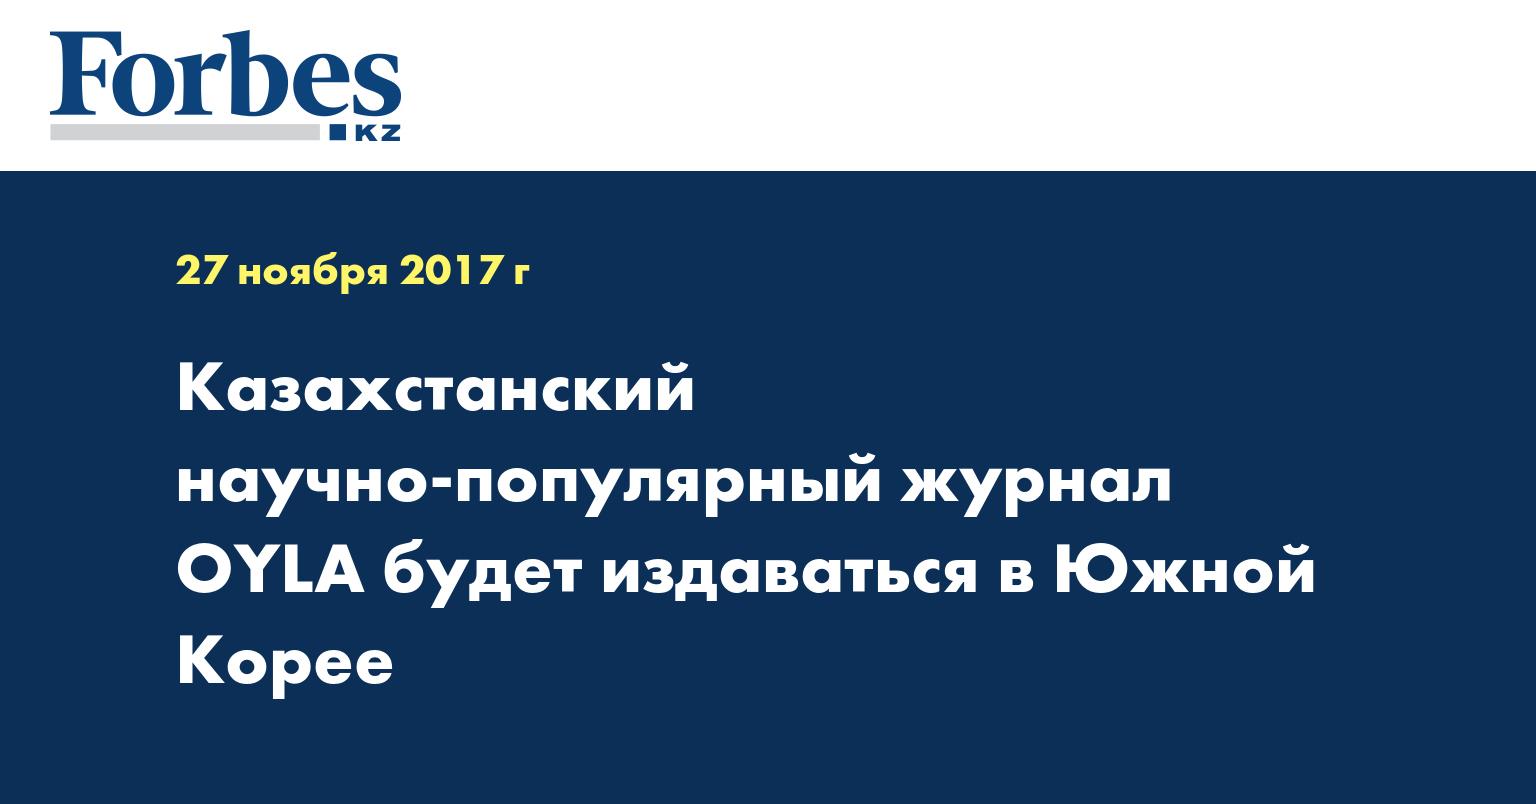 Казахстанский научно-популярный журнал OYLA будет издаваться в Южной Корее